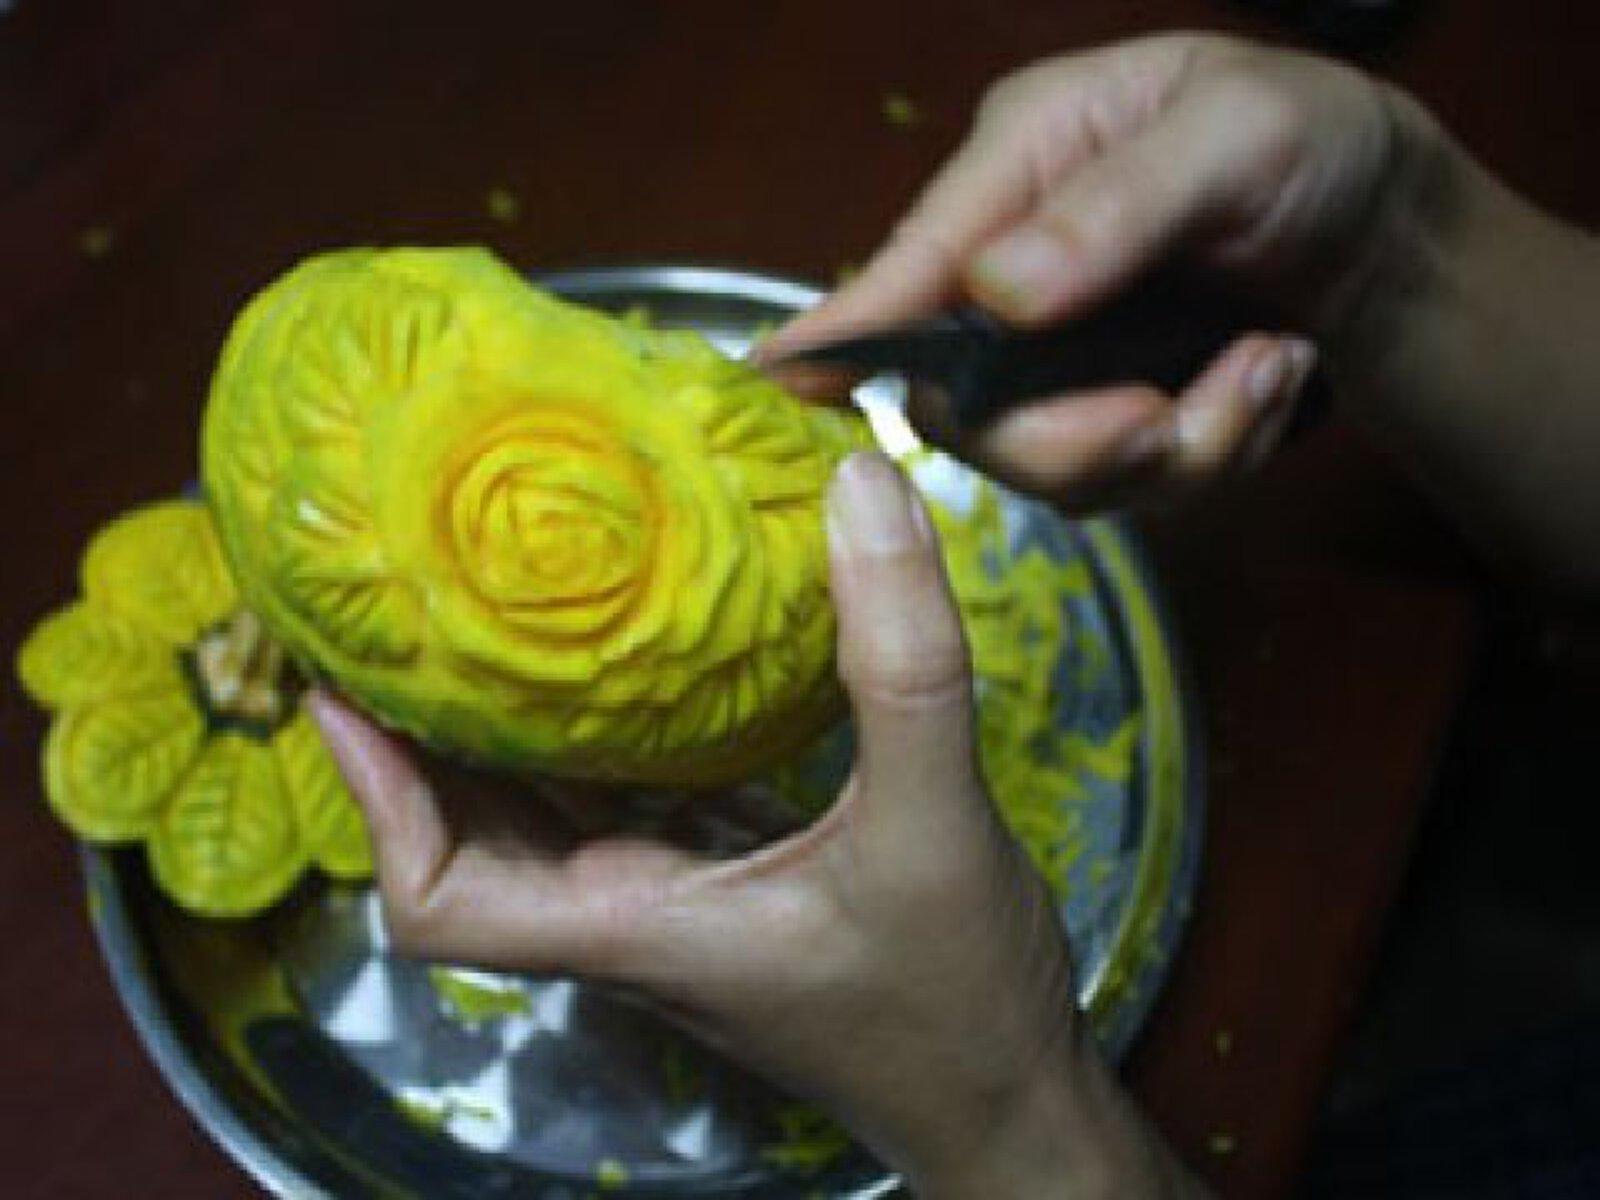 แกะสลักผัก-ผลไม้อนุรักษ์ความเป็นไทย-ใจเย็น